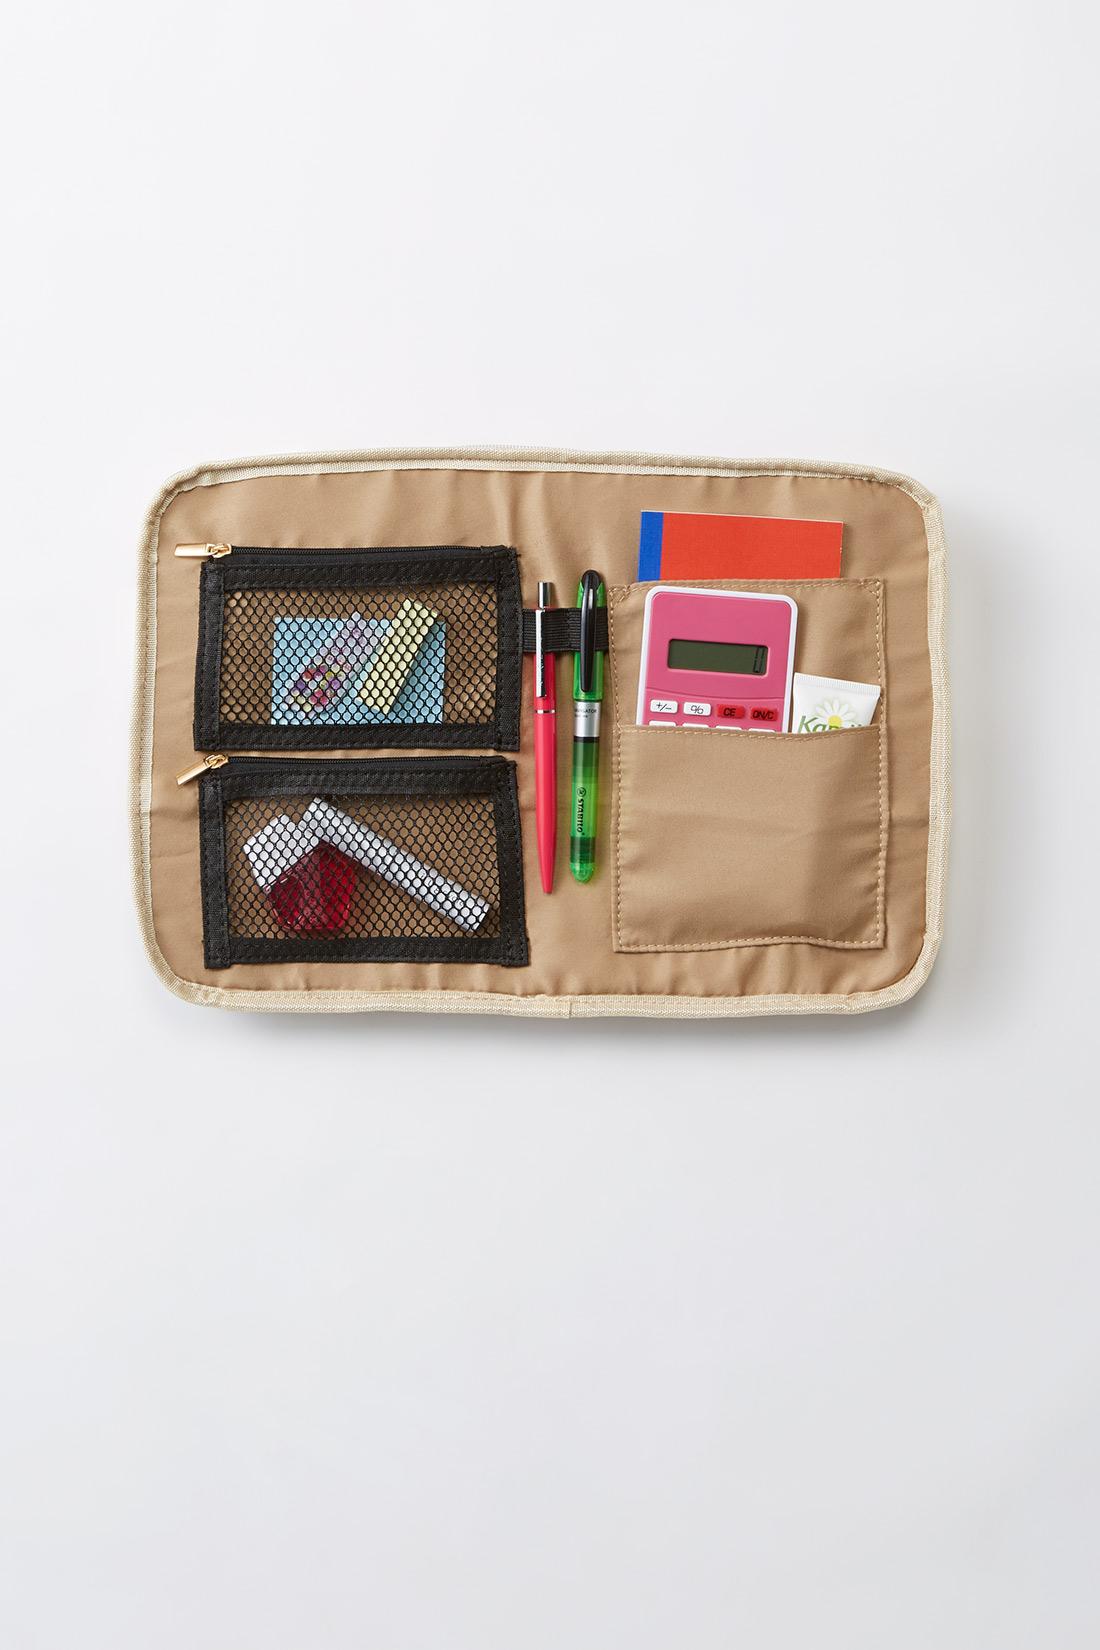 メッシュポケット二つ、手帳などが入るポケット一つ、電卓などが入る小さめポケットが一つ。真ん中にはペンをさせる指定席も。 ※裏返して撮影しています